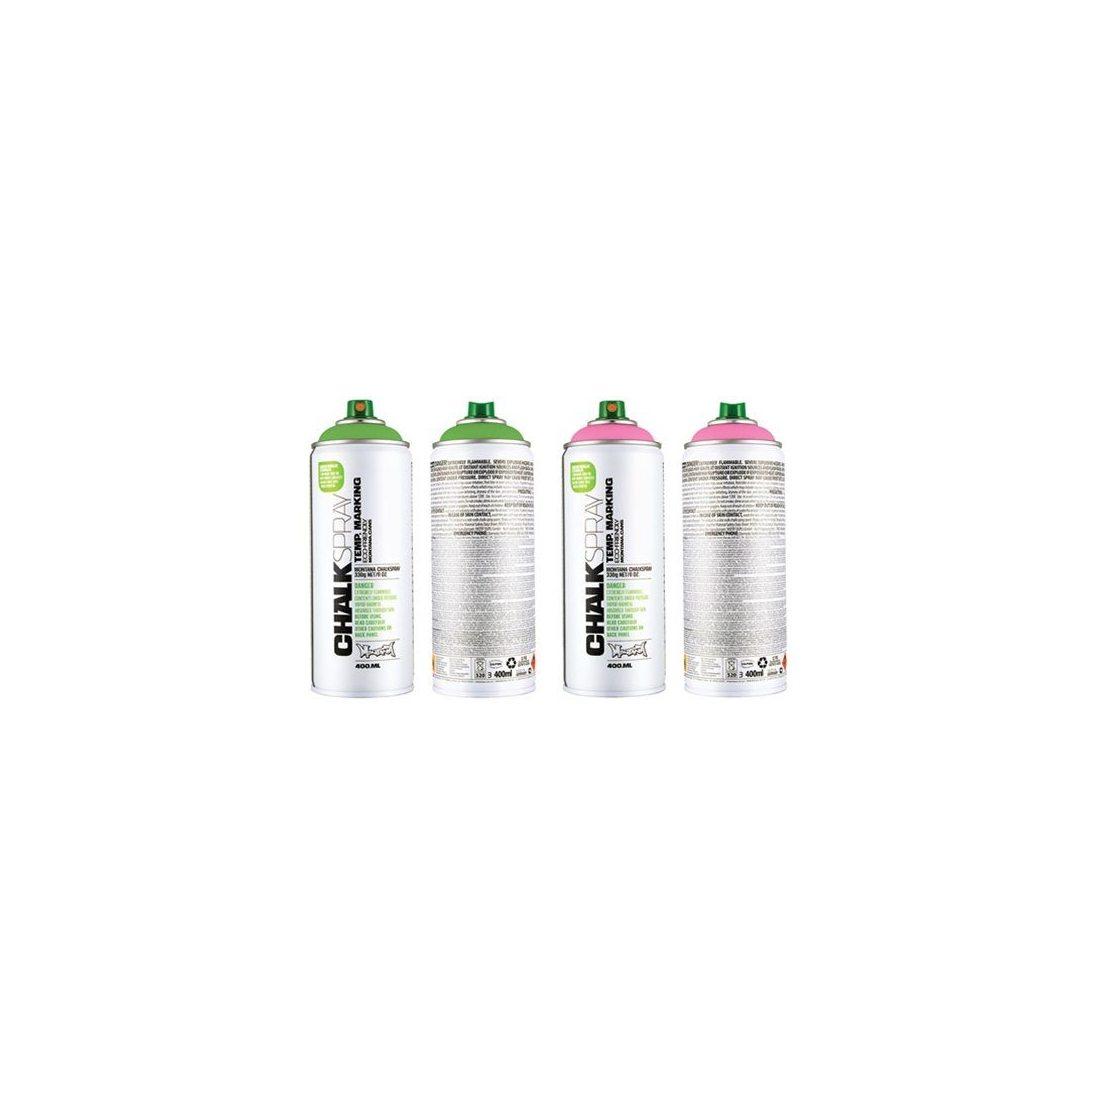 Montana Chalk Spray 400 ml spray craie